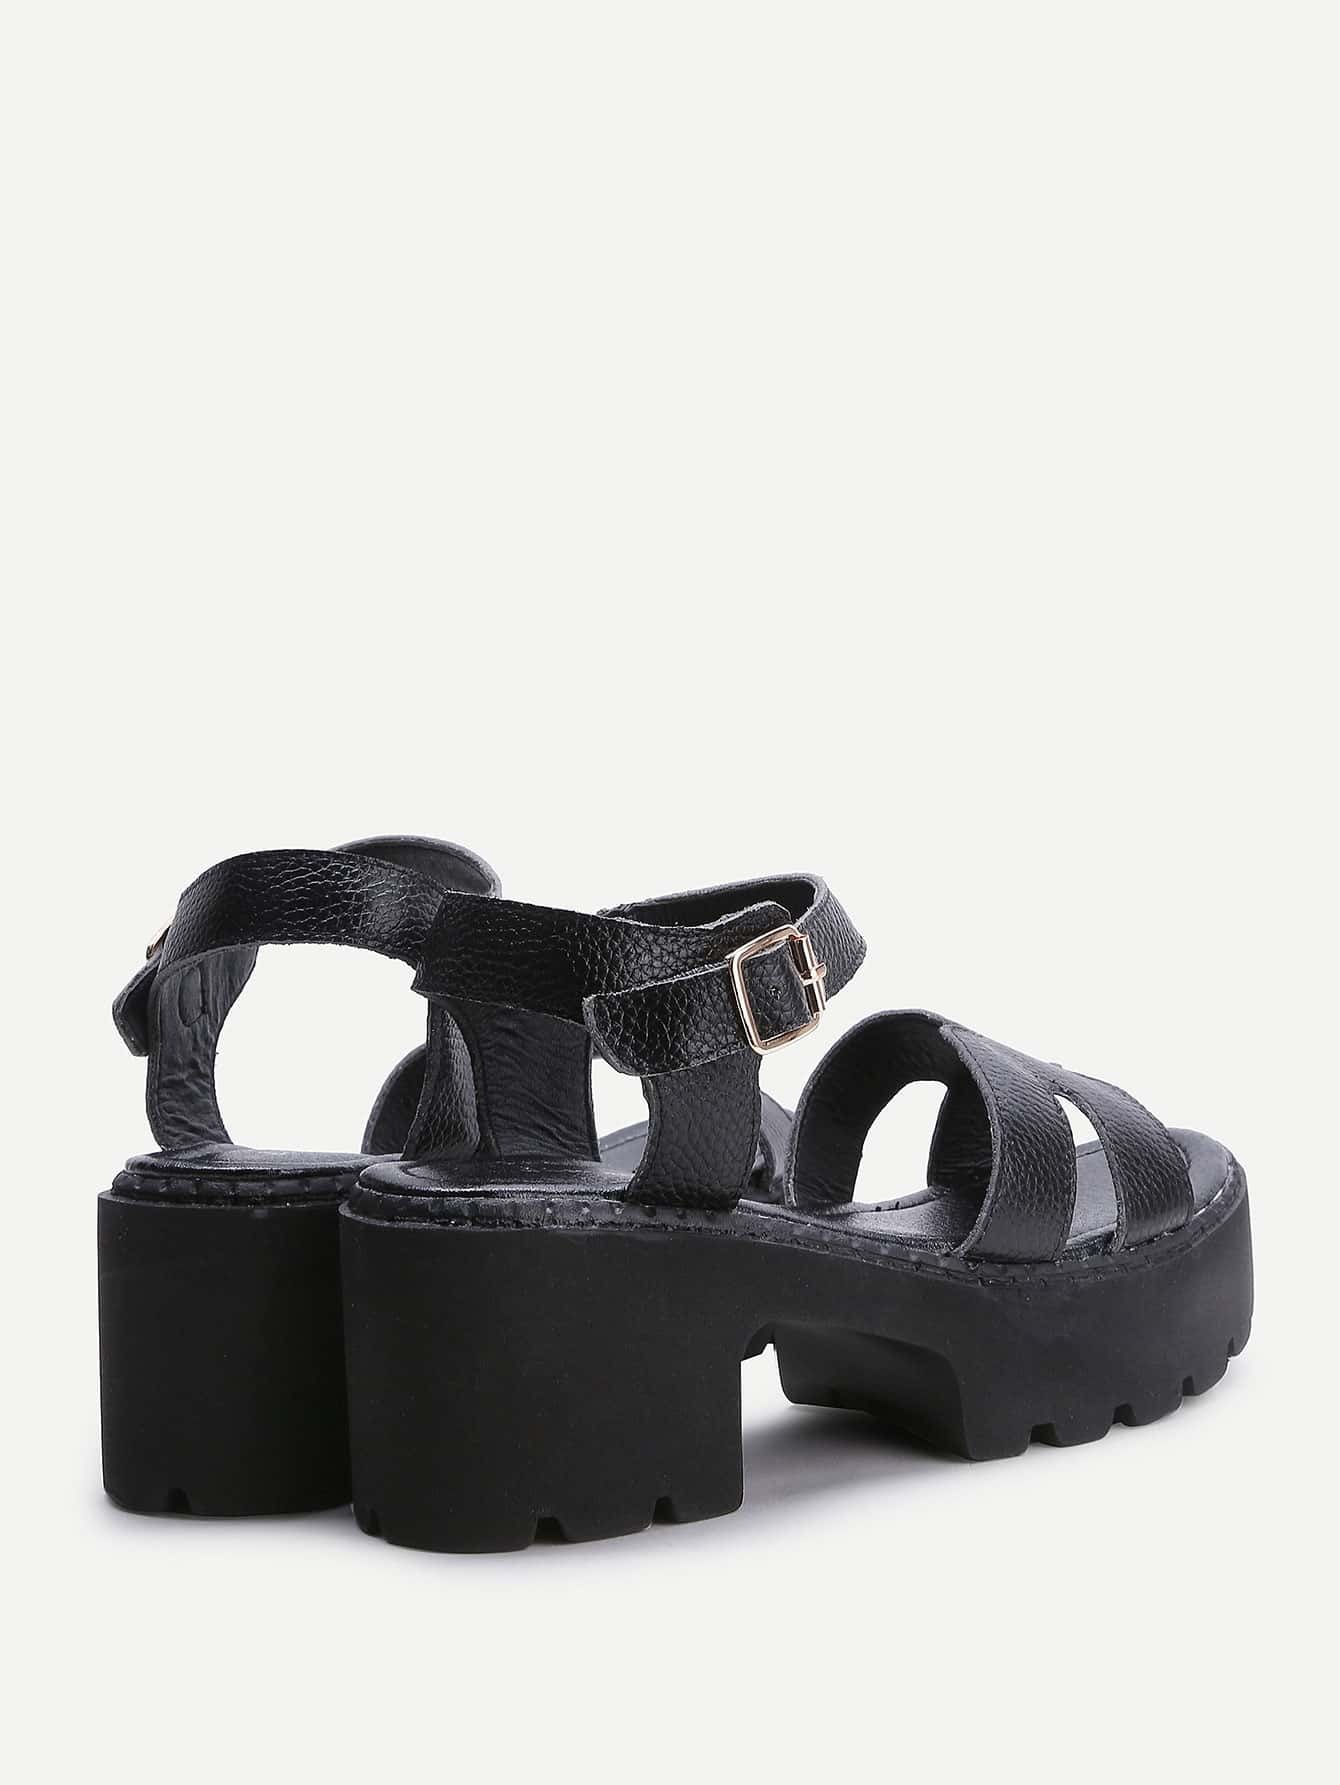 shoes170413817_2